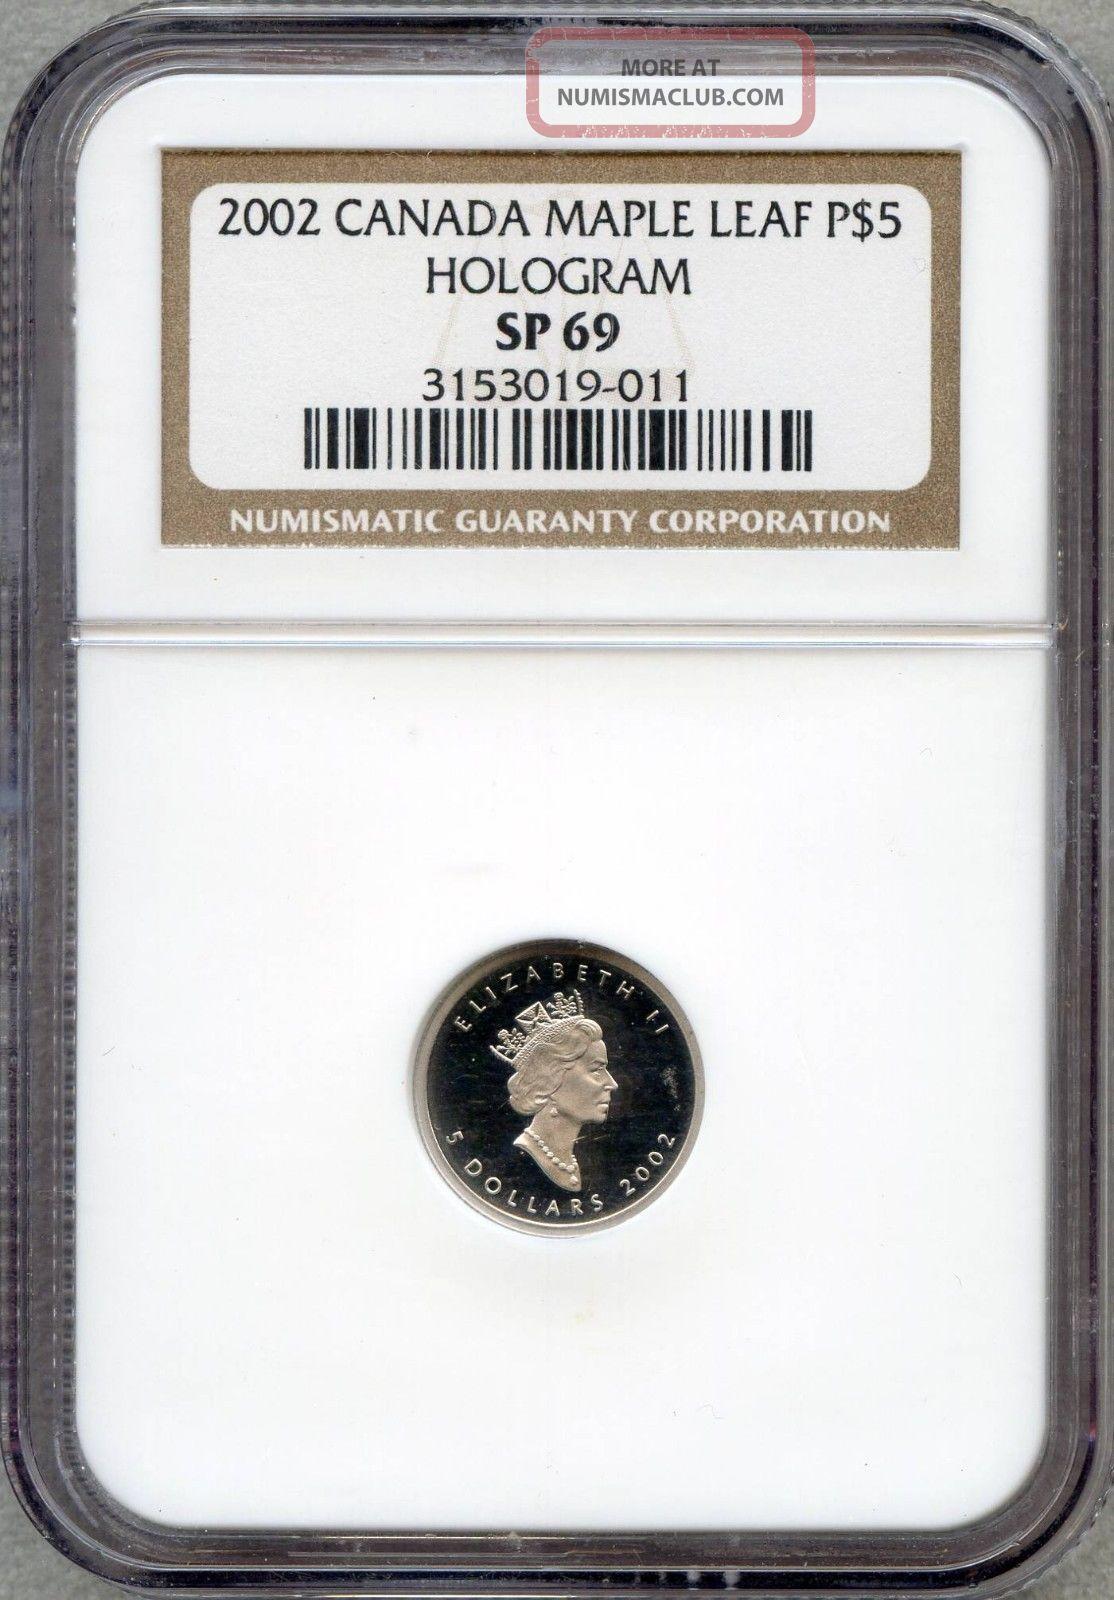 2002 Canada Maple Leaf Platinum $5 Hologram Ngc Sp 69 Platinum photo